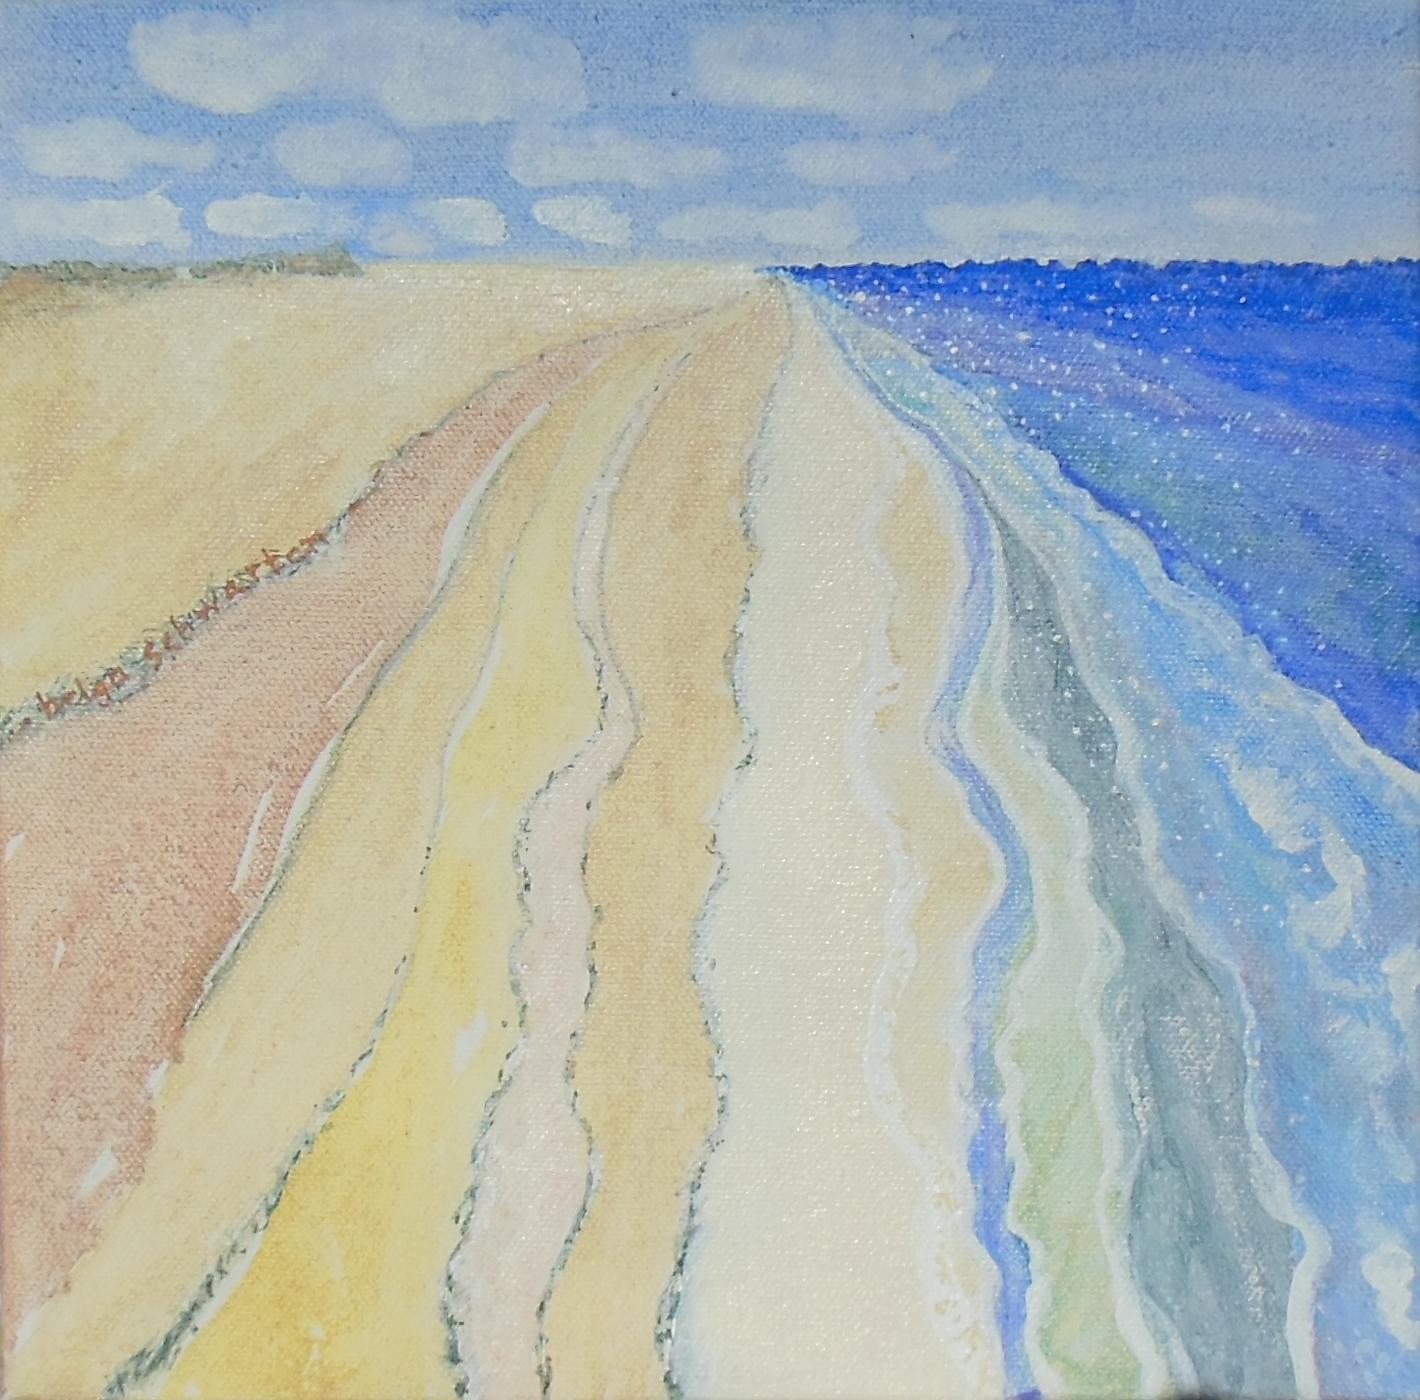 Seabrook Tide